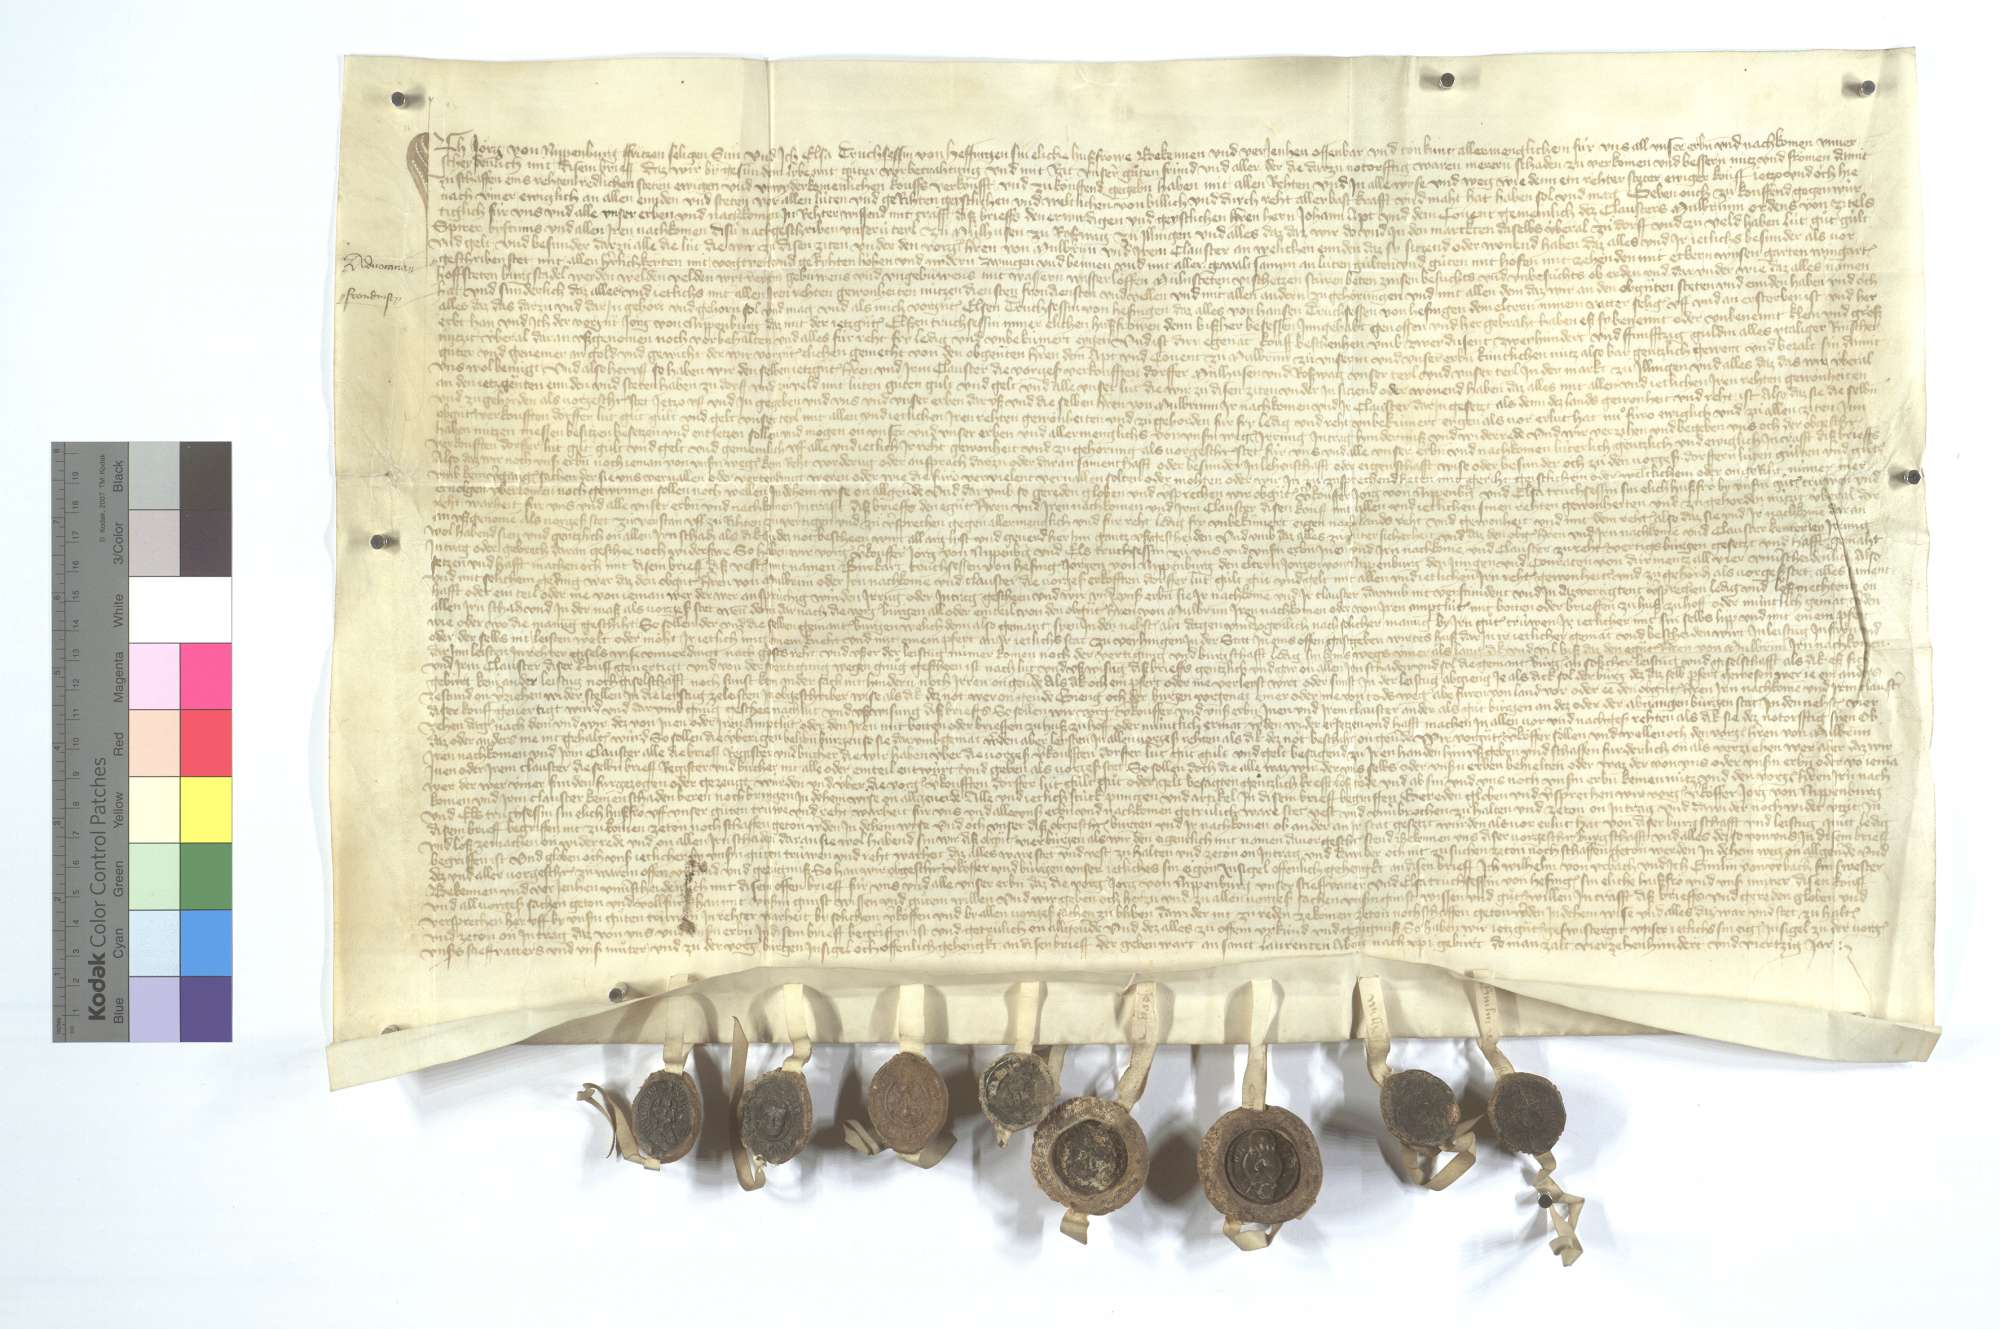 Jörg von Nippenburg verkauft alle Obrigkeit, Gerechtsame, Güter, Zinsen und Gülten in Illingen, Roßwag und Mühlhausen (Mülhausen) dem Kloster Maulbronn für 2.250 Gulden., Text